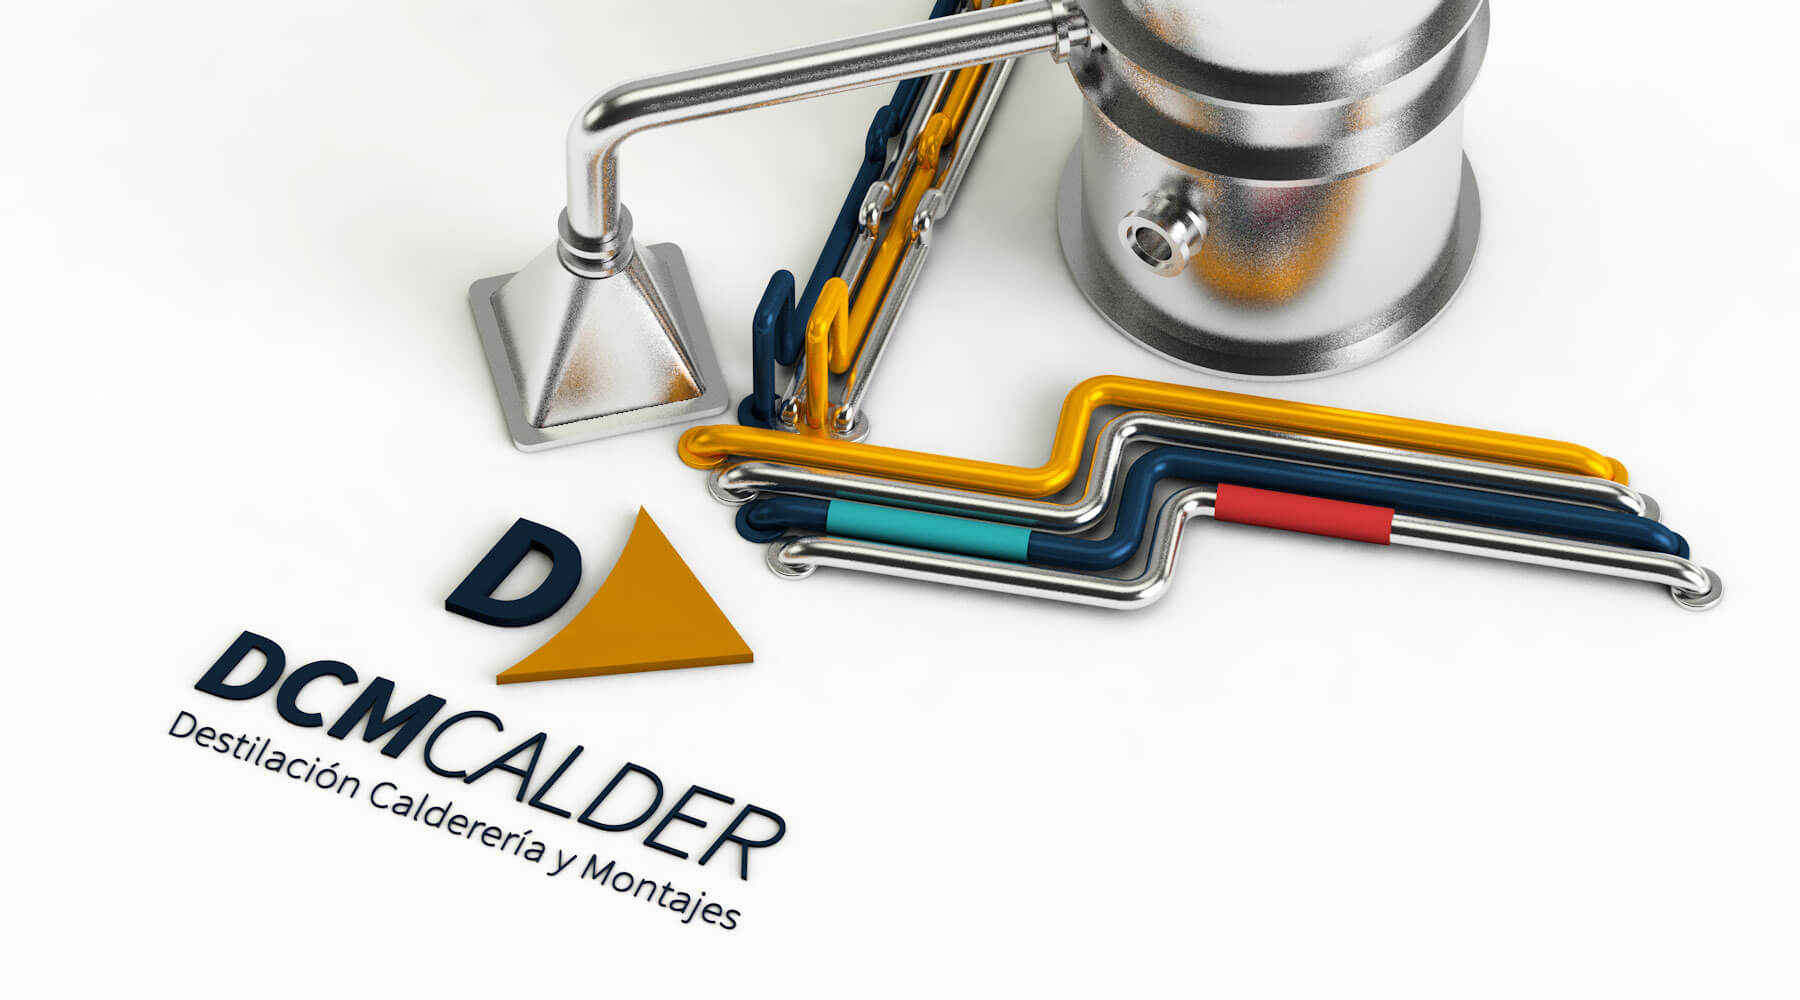 DCM-Calder